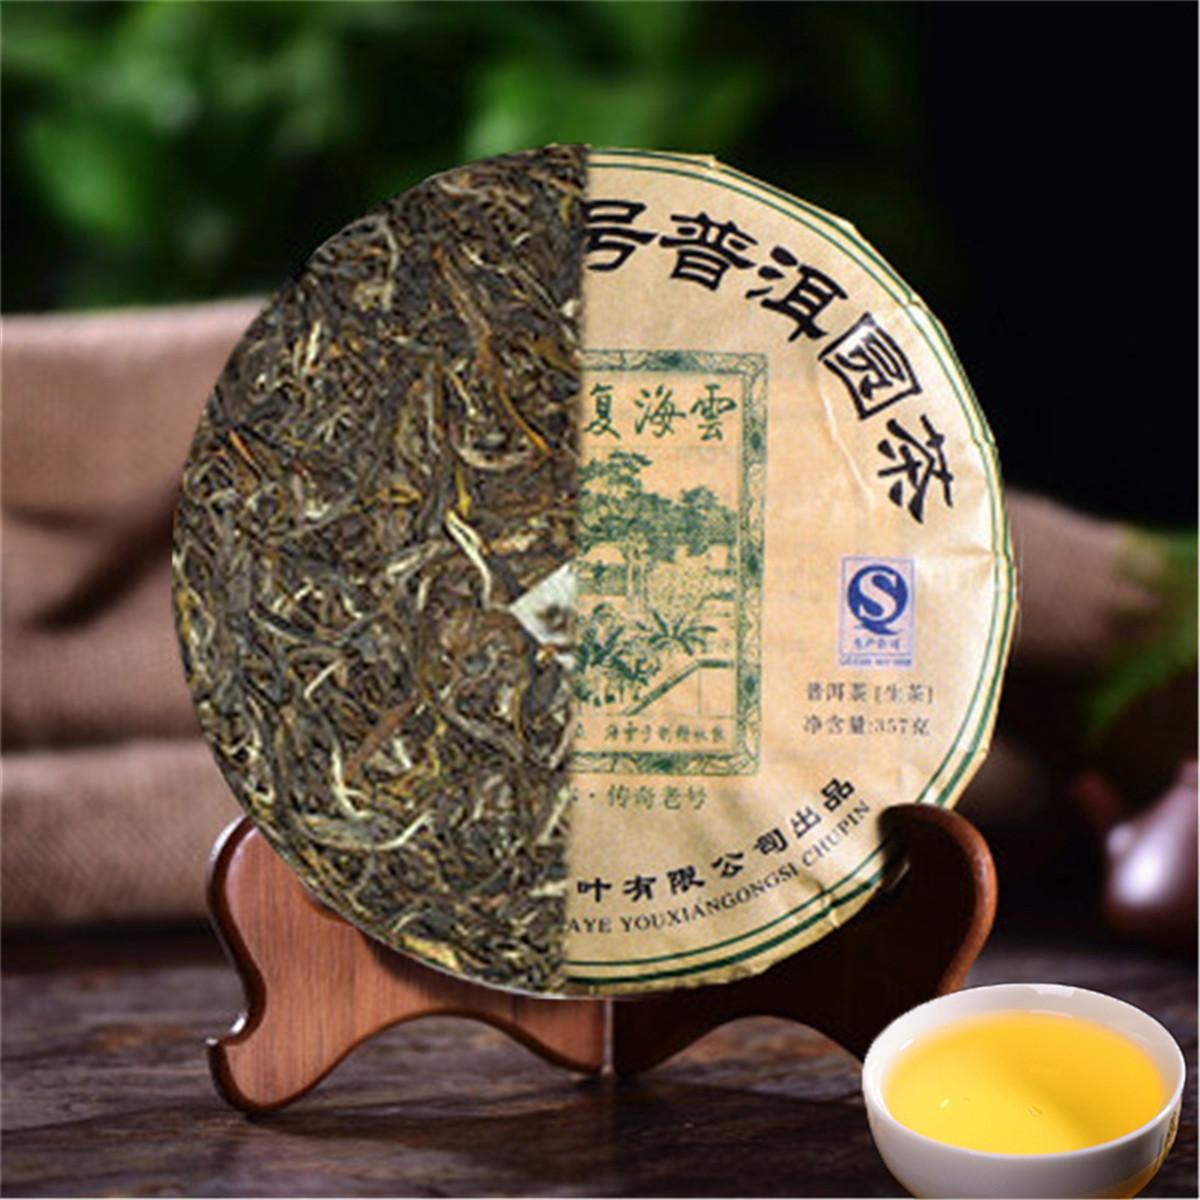 Yunnan Top-357 g de qualité Raw Puer ronde Puerh naturel bio Thé Gâteau vieil arbre vert Puer Promotion alimentaire